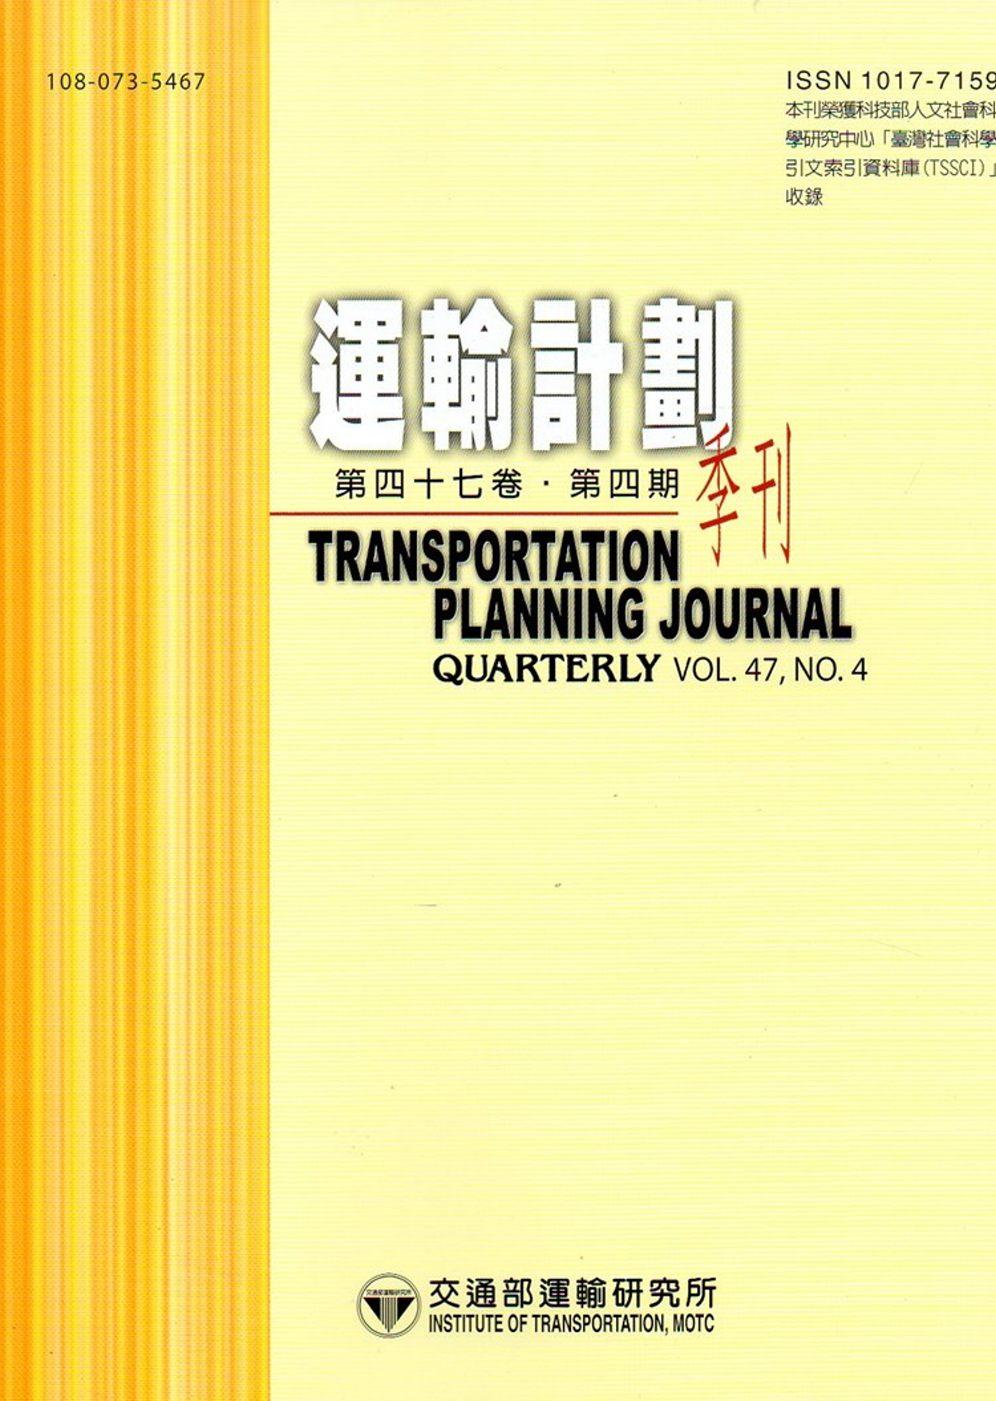 運輸計劃季刊47卷4期(107/12)